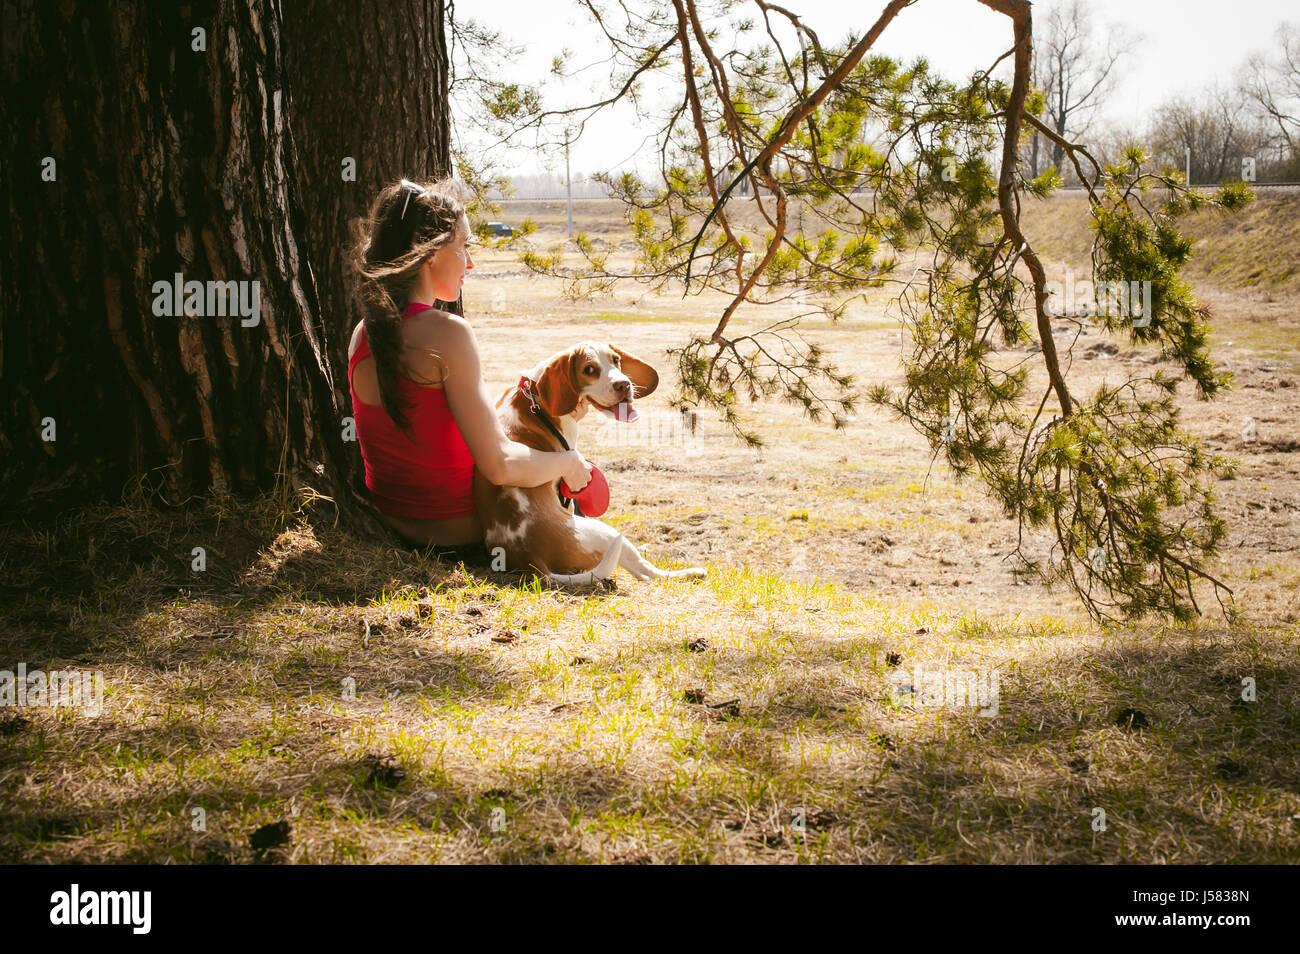 Les jeunes animaux de races de chien beagle walking in park extérieur. femme chiot promenades avec soin, joue Photo Stock